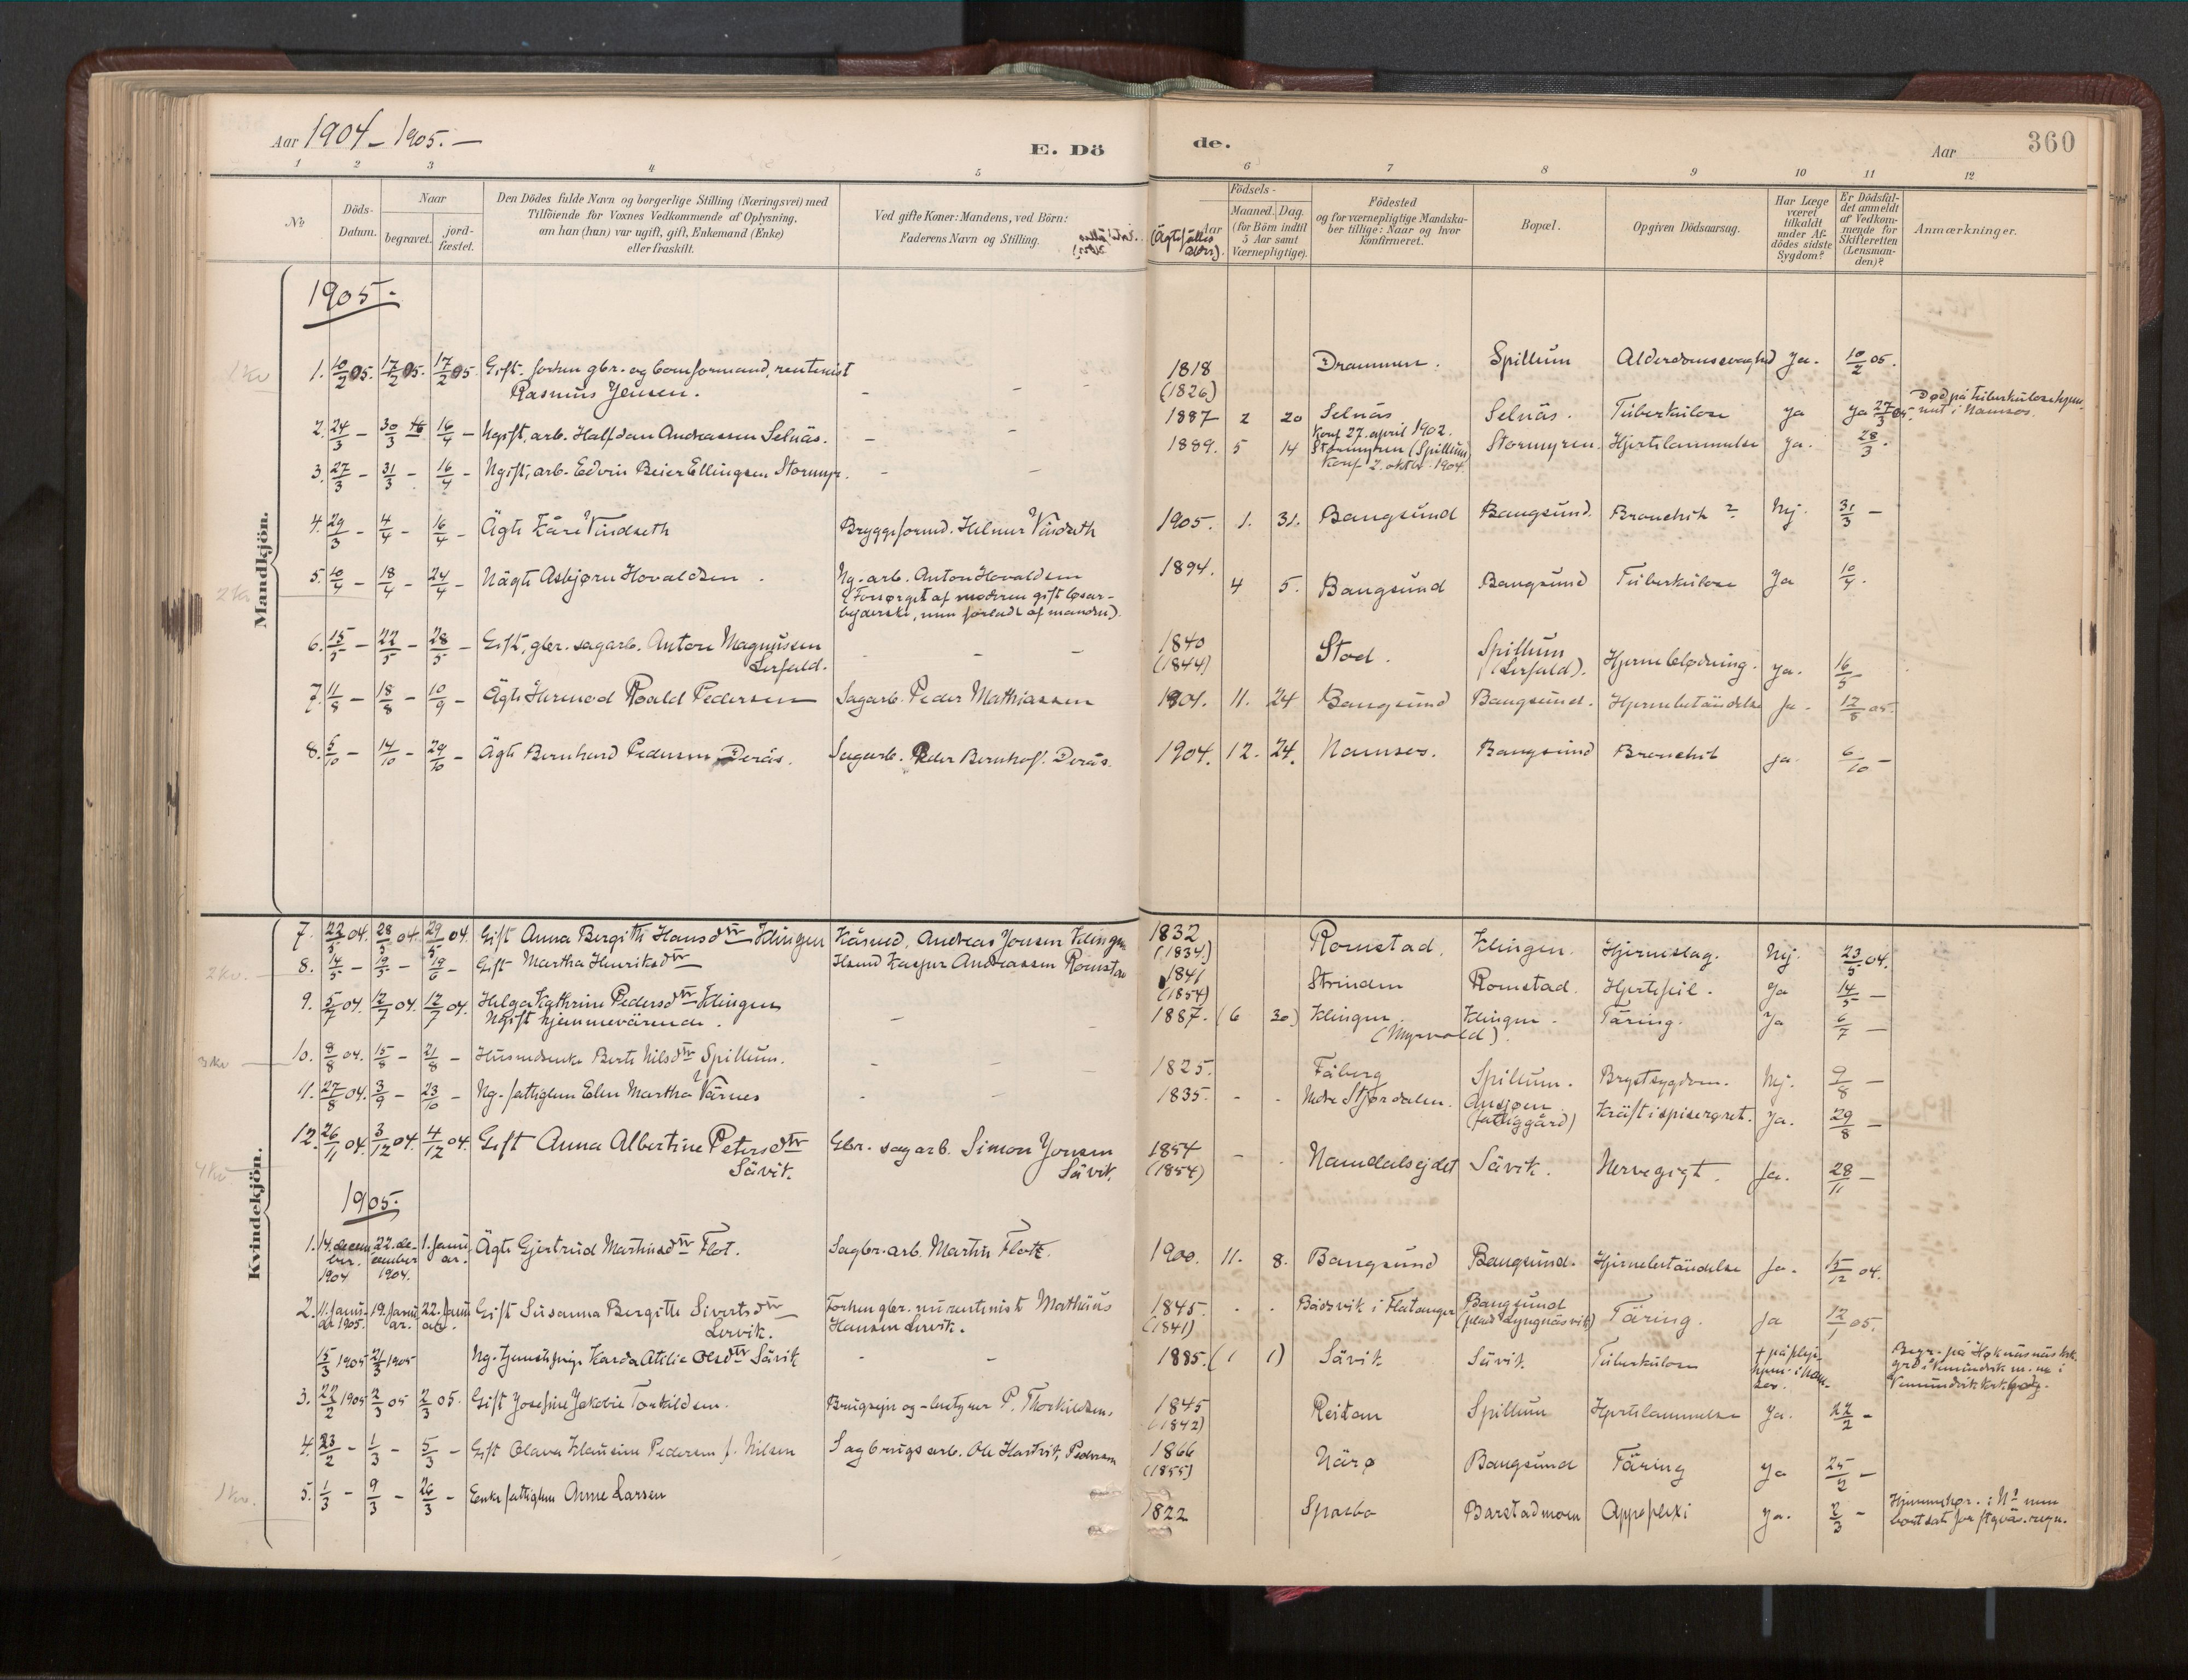 SAT, Ministerialprotokoller, klokkerbøker og fødselsregistre - Nord-Trøndelag, 770/L0589: Ministerialbok nr. 770A03, 1887-1929, s. 360